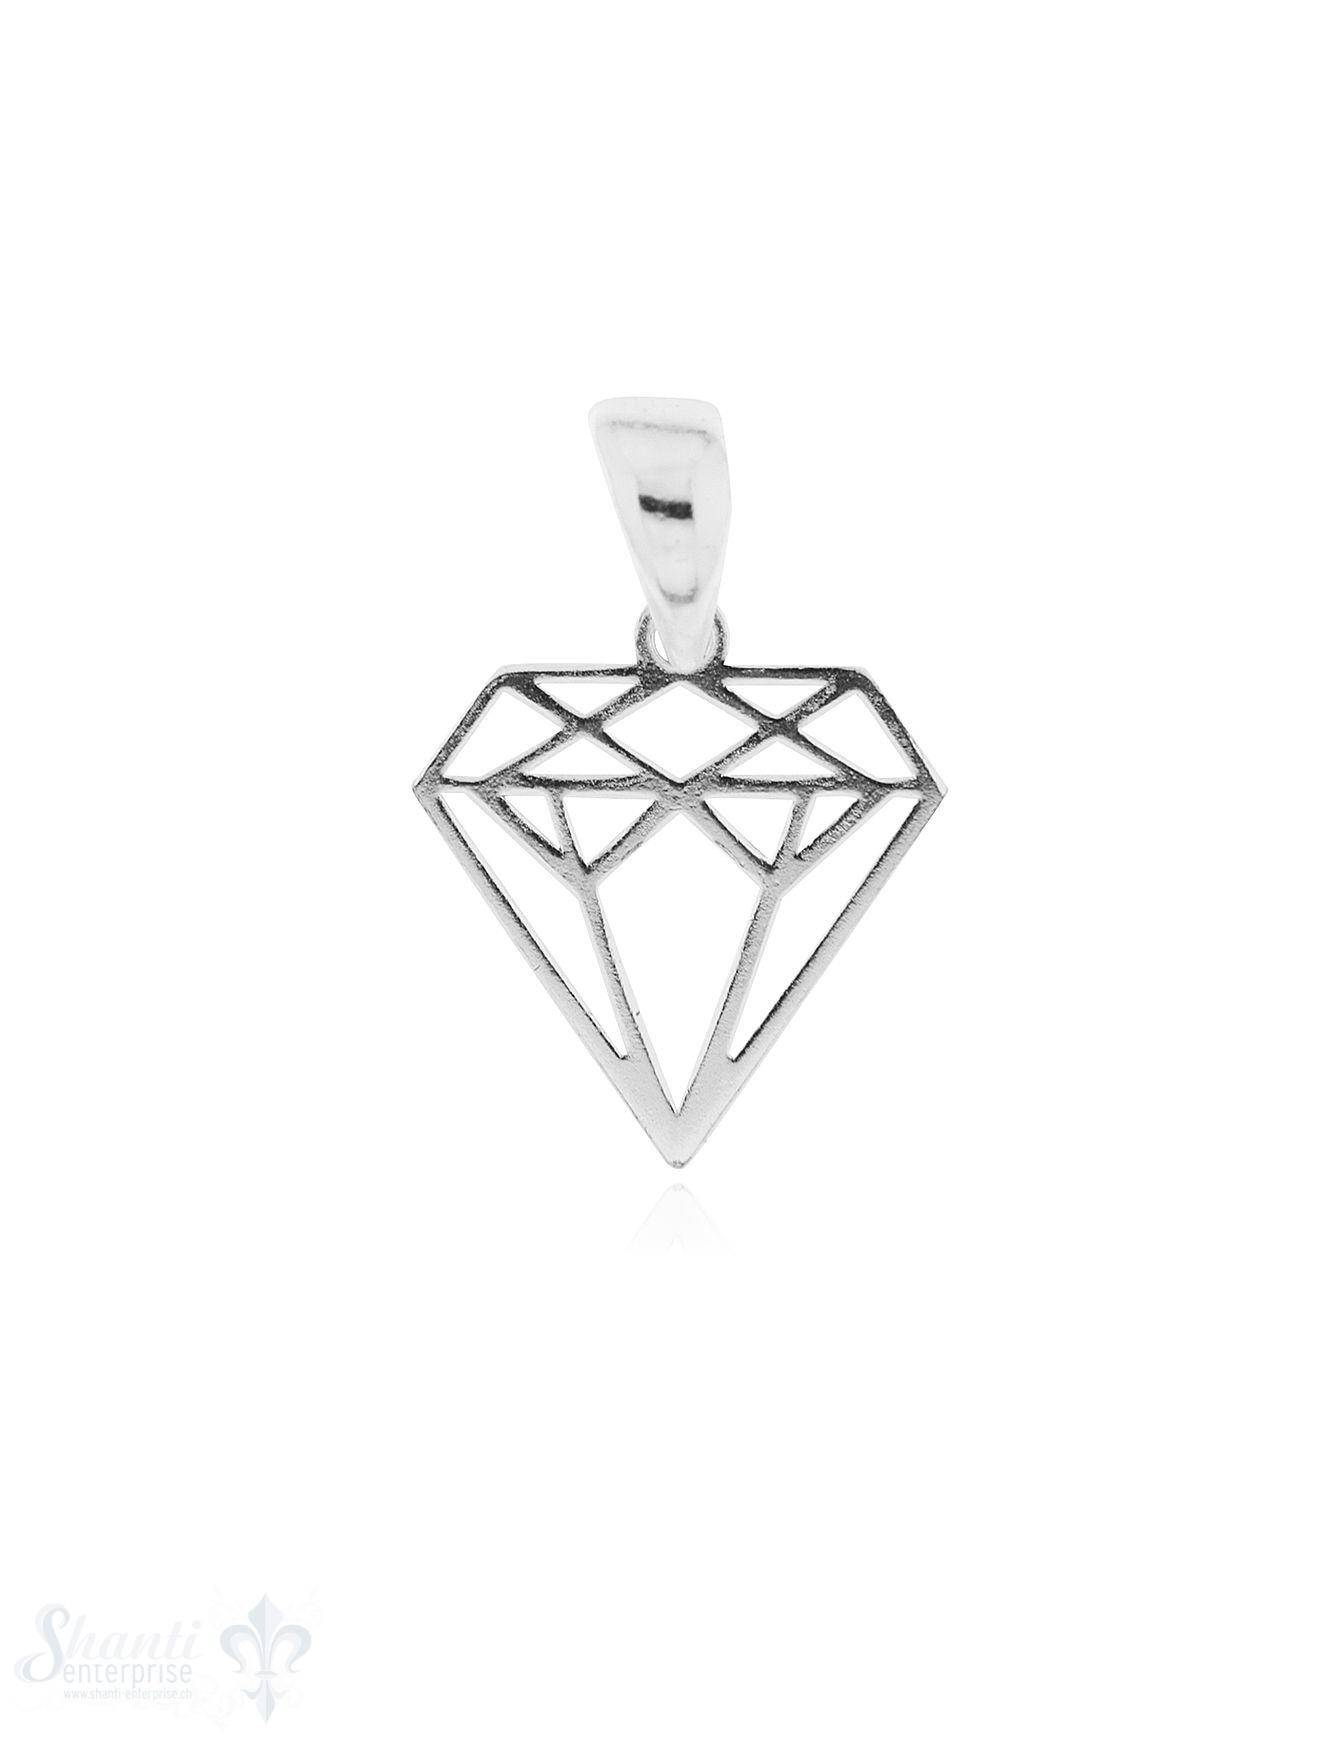 Anhänger Silber hell Diamant durchbrochen 12x12 mm